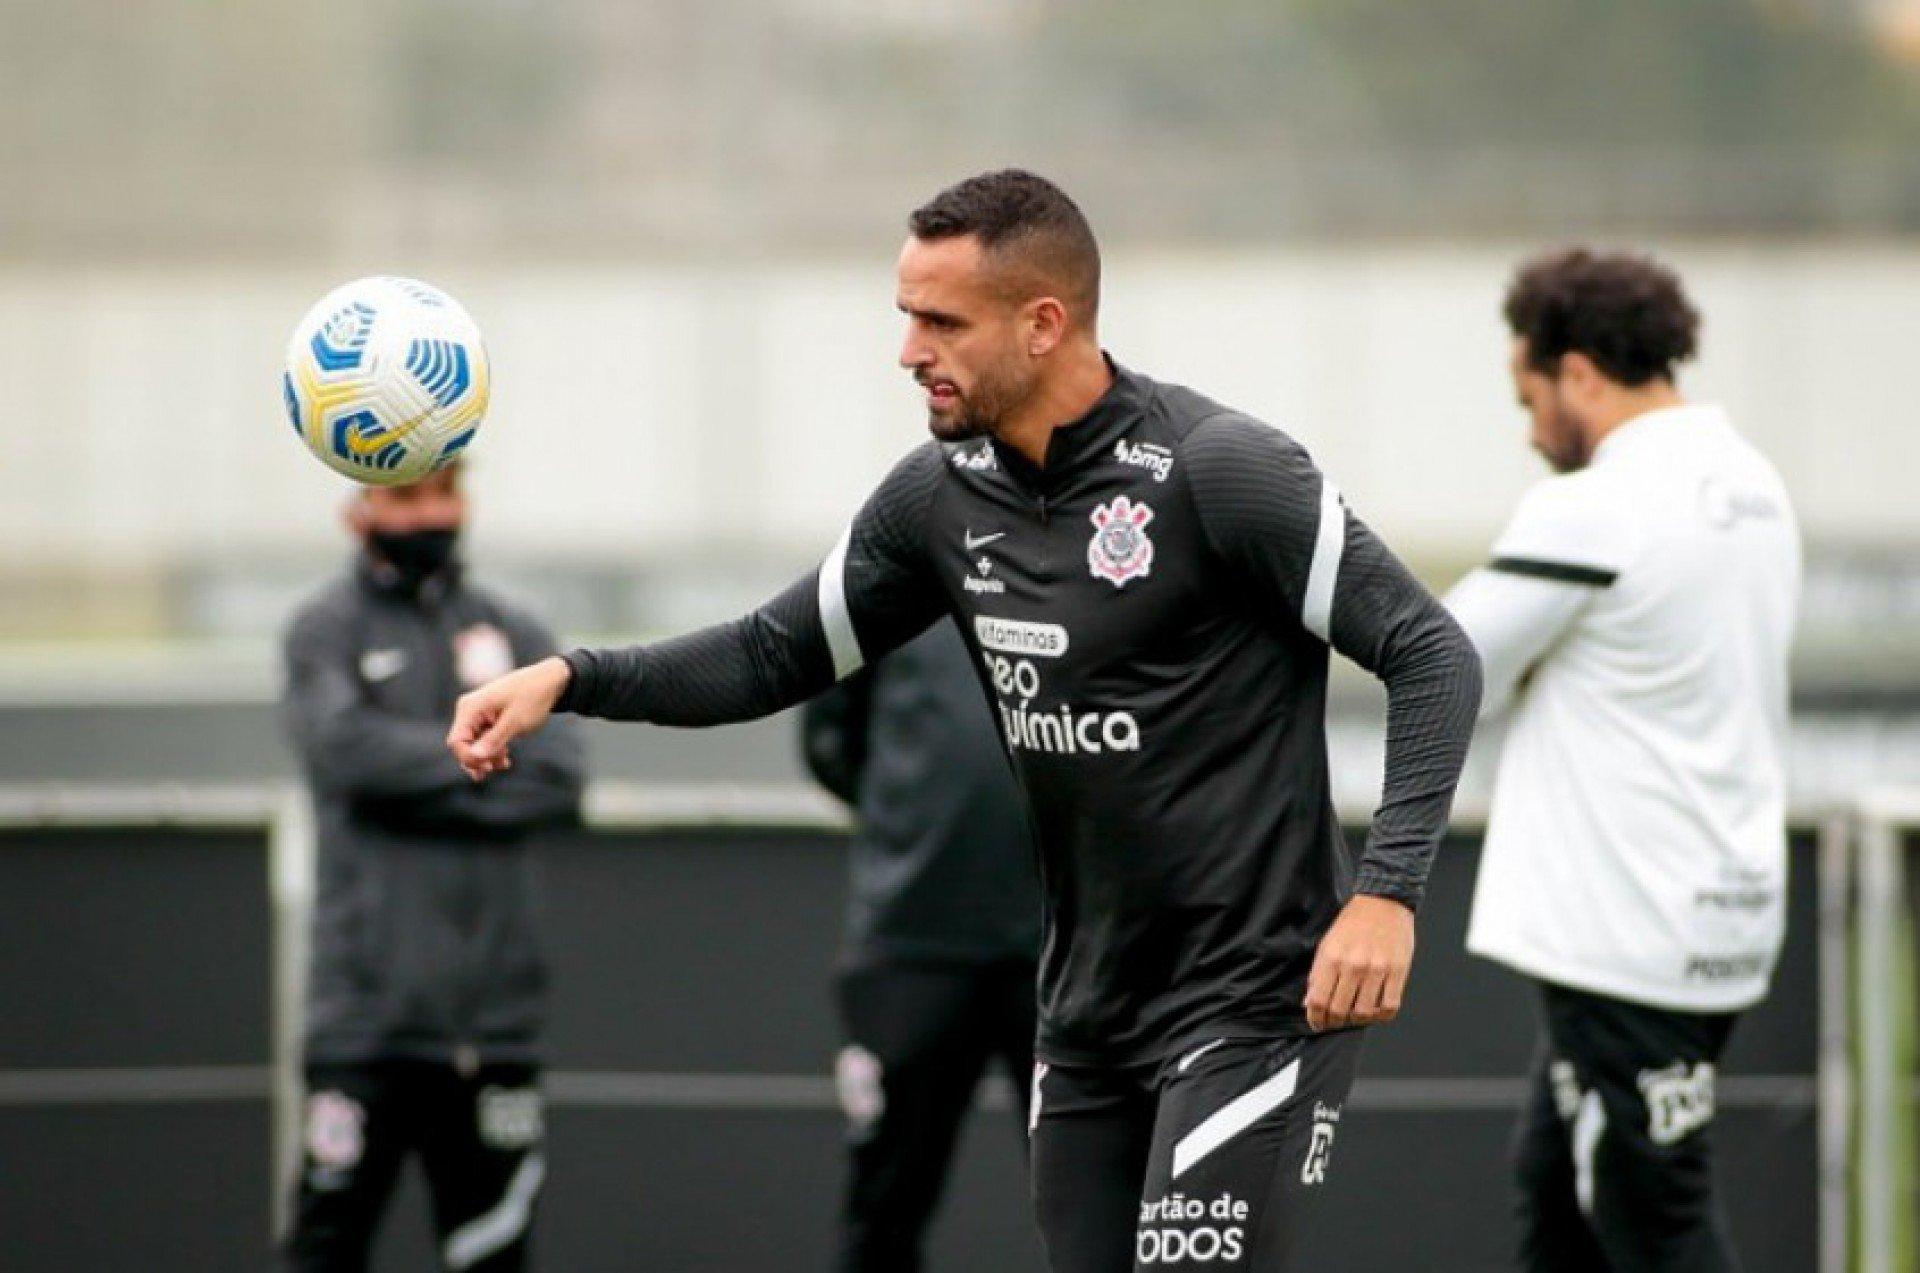 Ex-Flamengo diz que recusou proposta de clube europeu para jogar pelo Corinthians